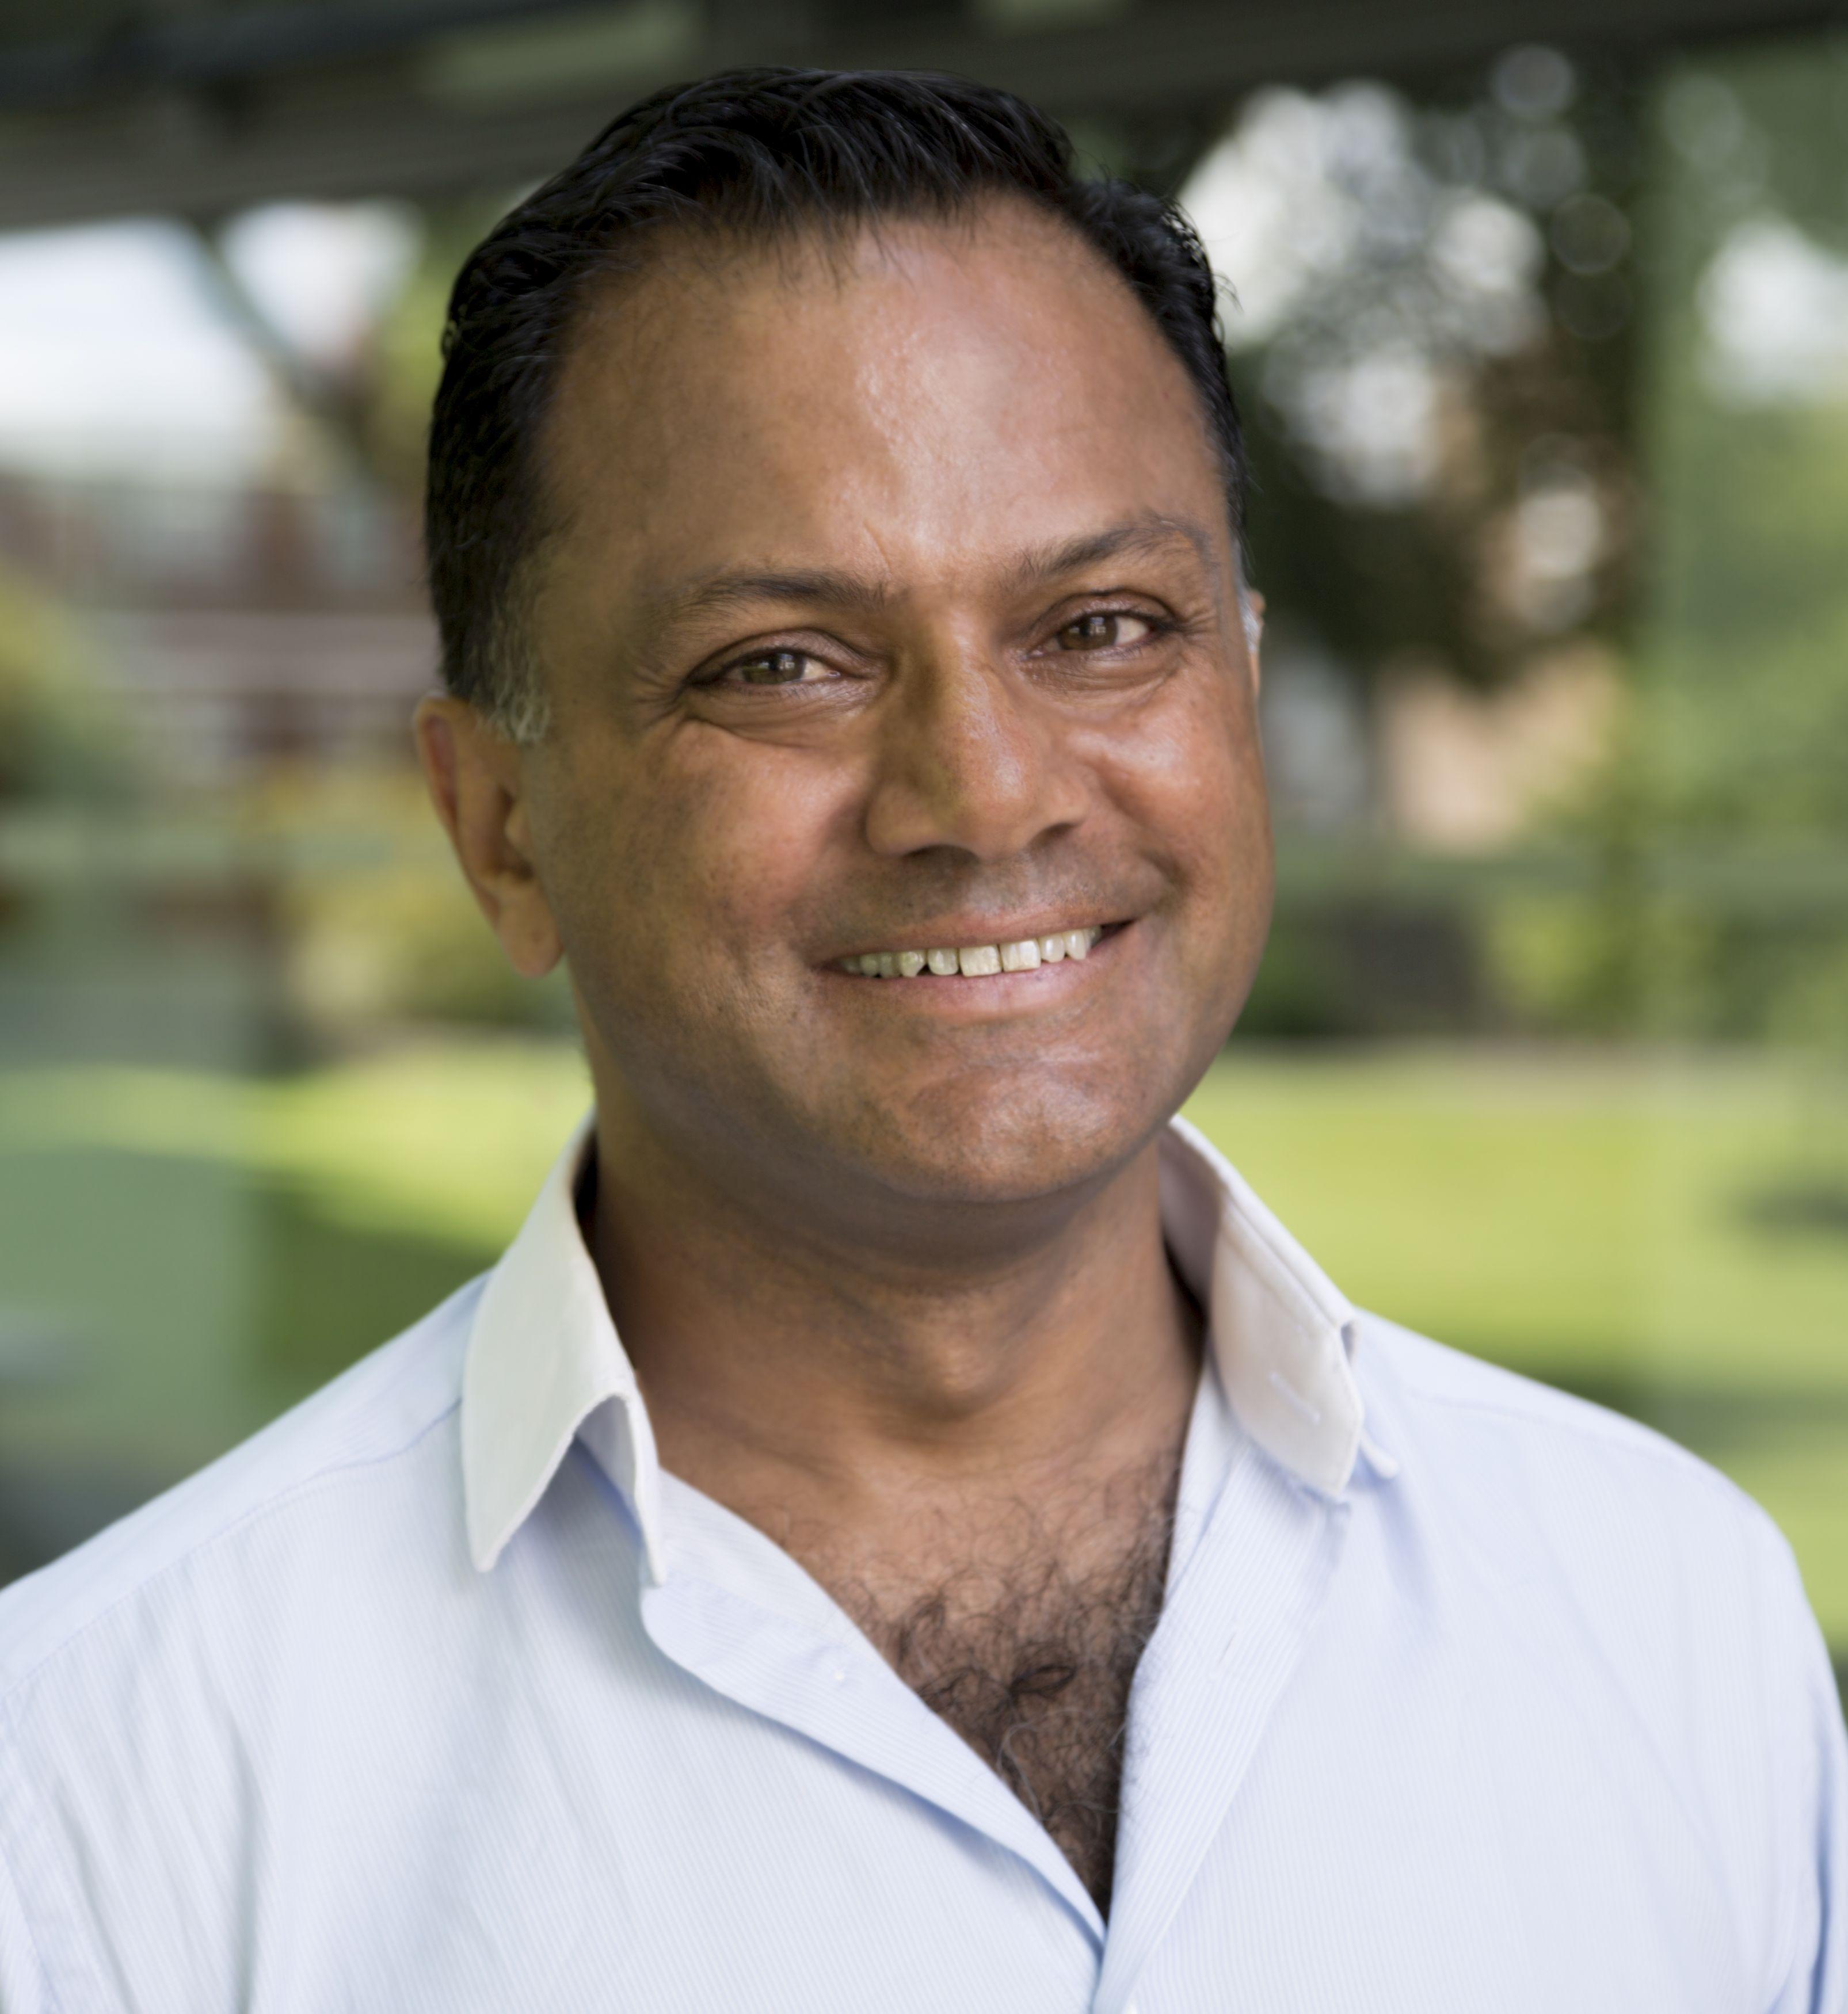 Ashok Jansari